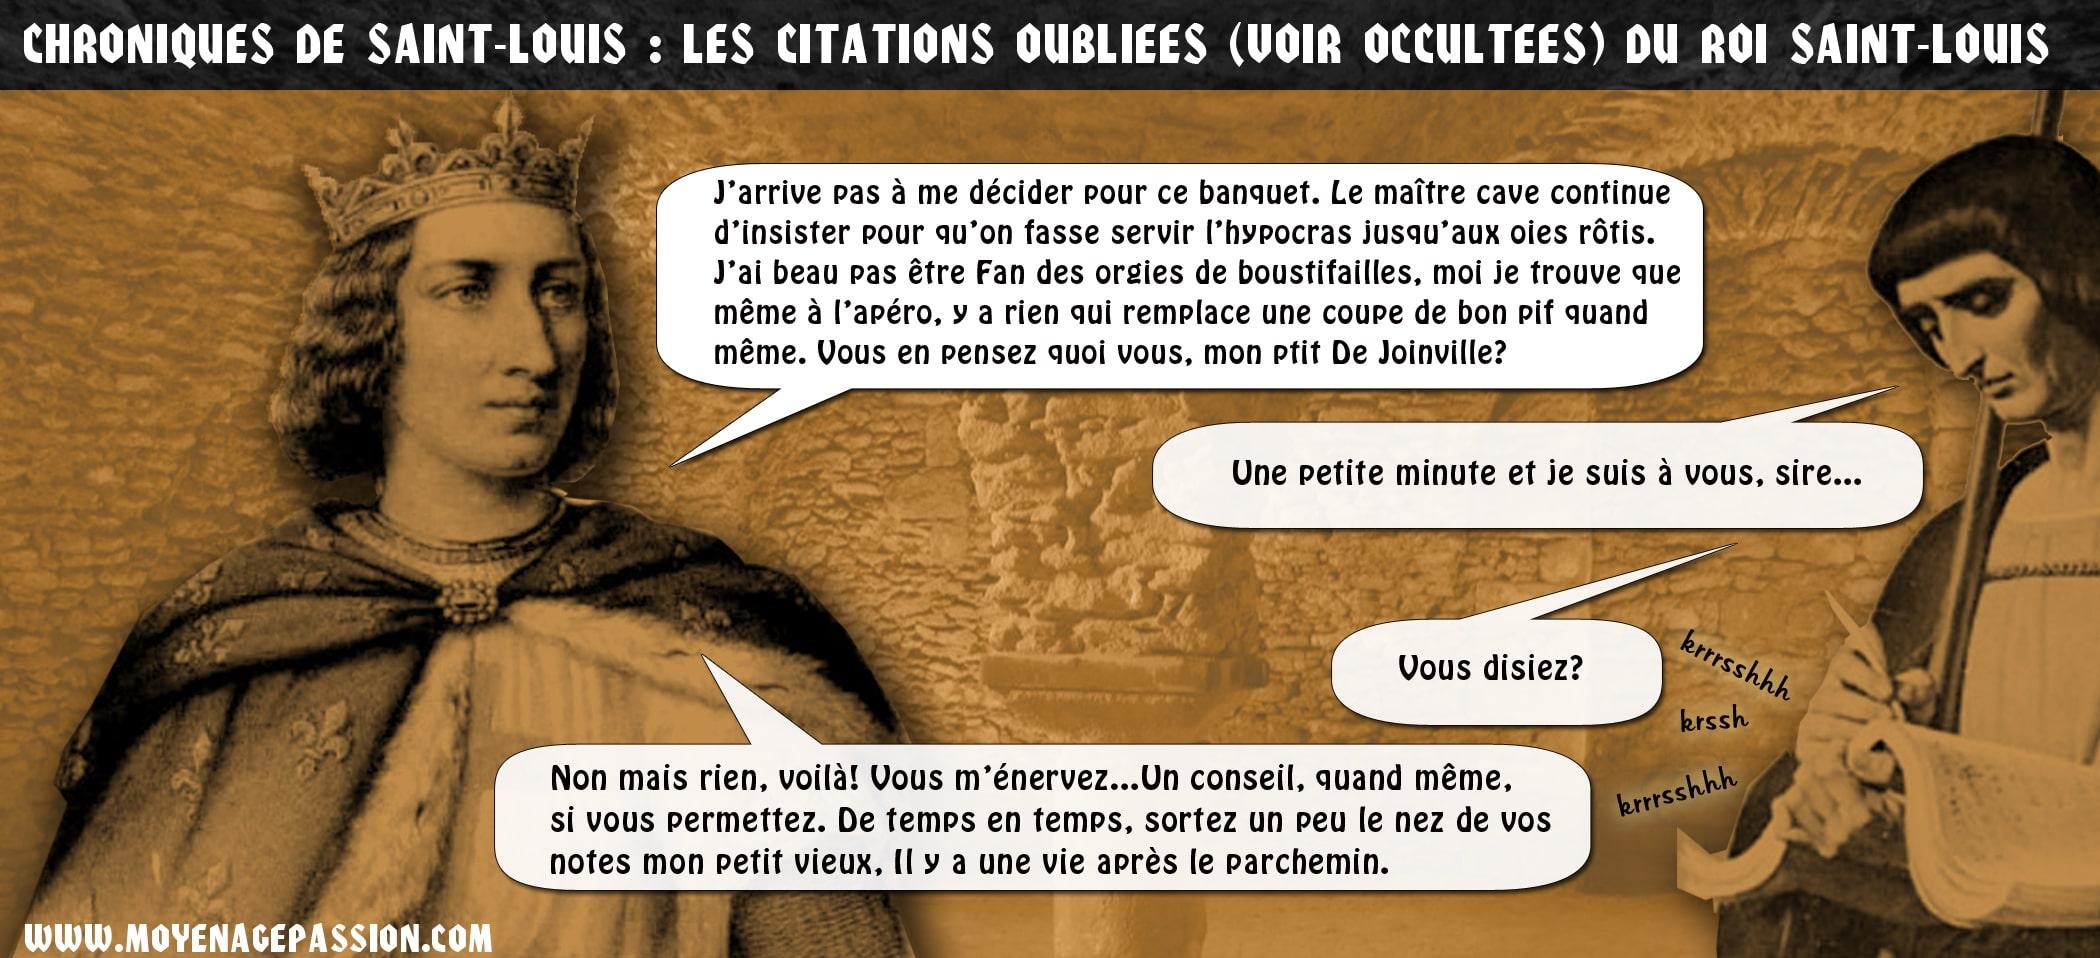 saint_louis_de_joinville_humour_medieval_non_sens_chroniques_historien_navrant